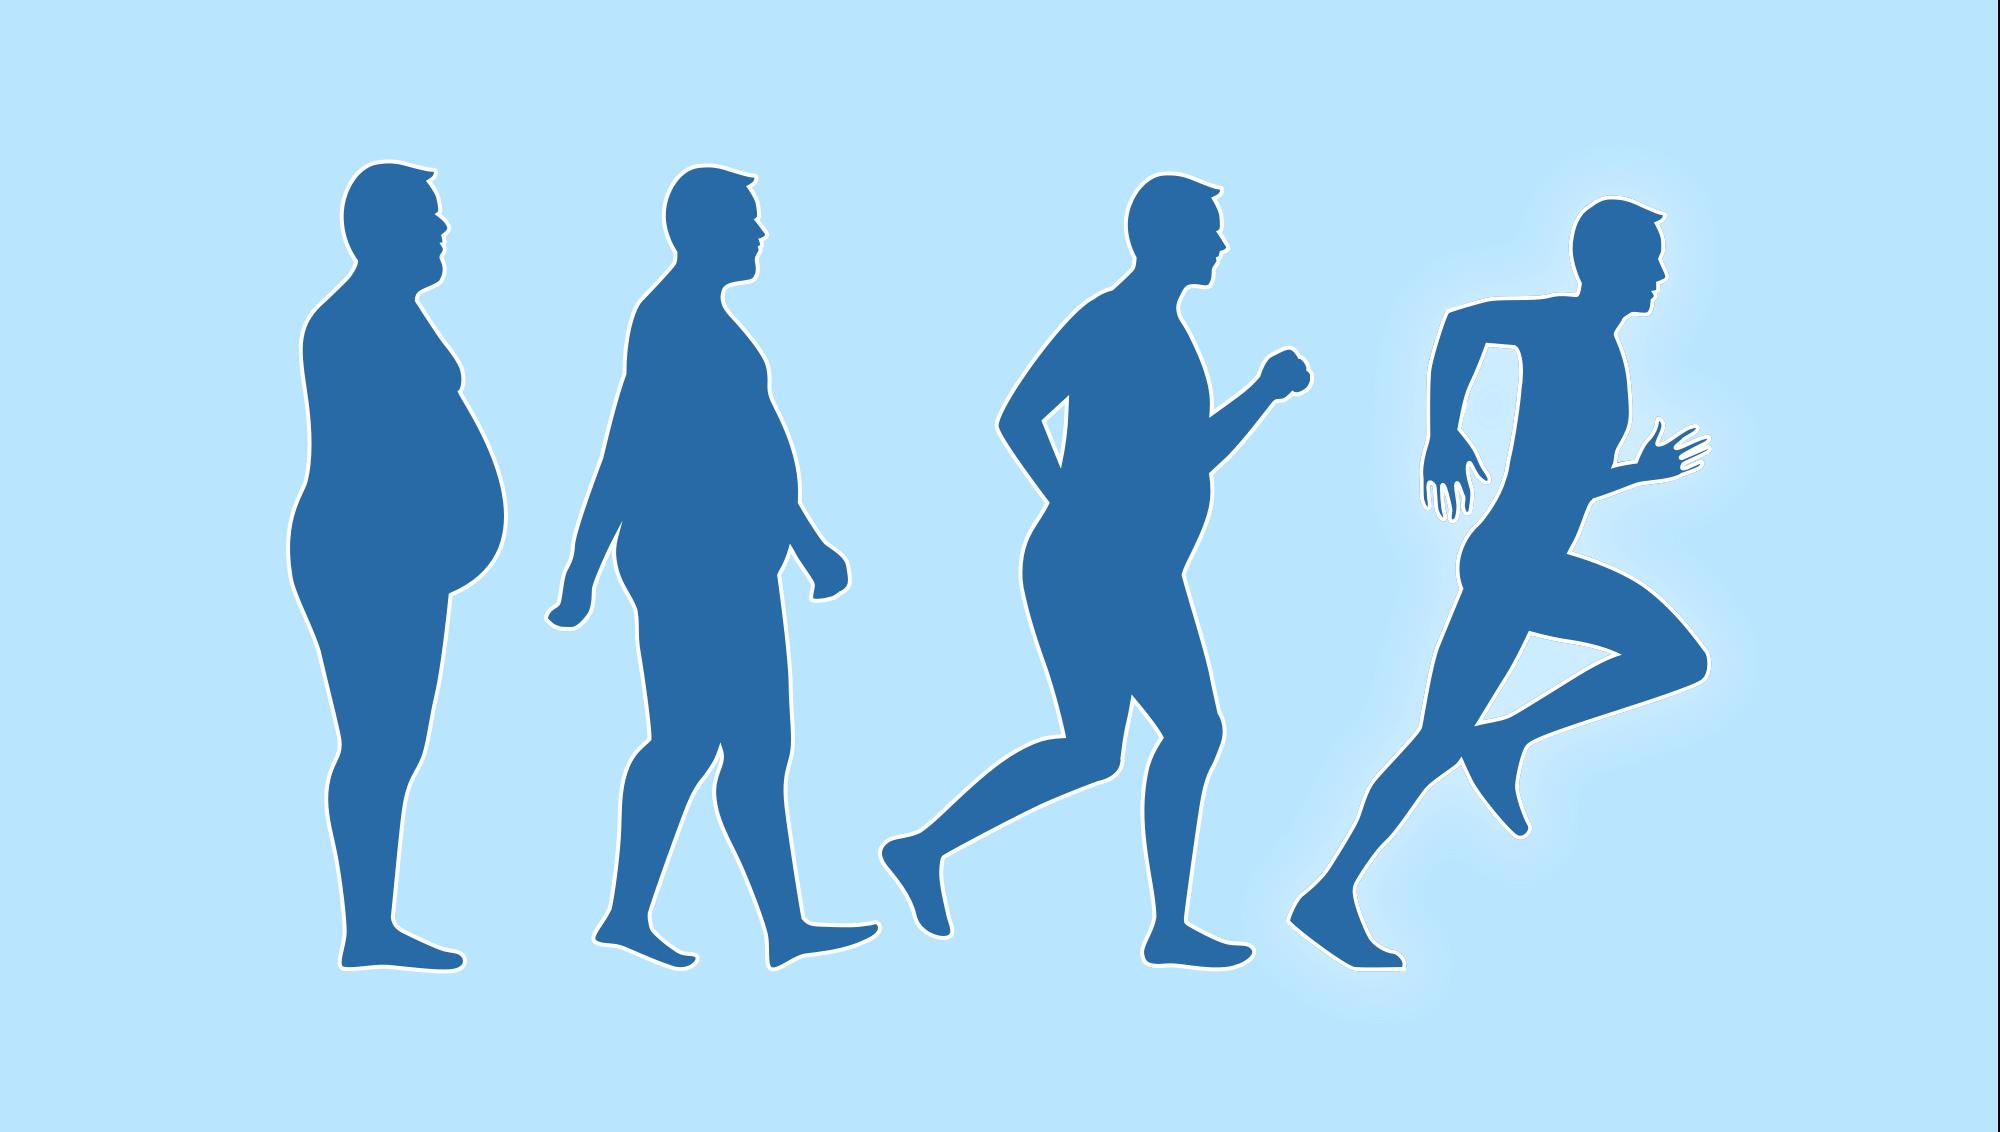 tabletki-na-odchudzanie-jako-metoda-zrzucenia-zbednej-wagi